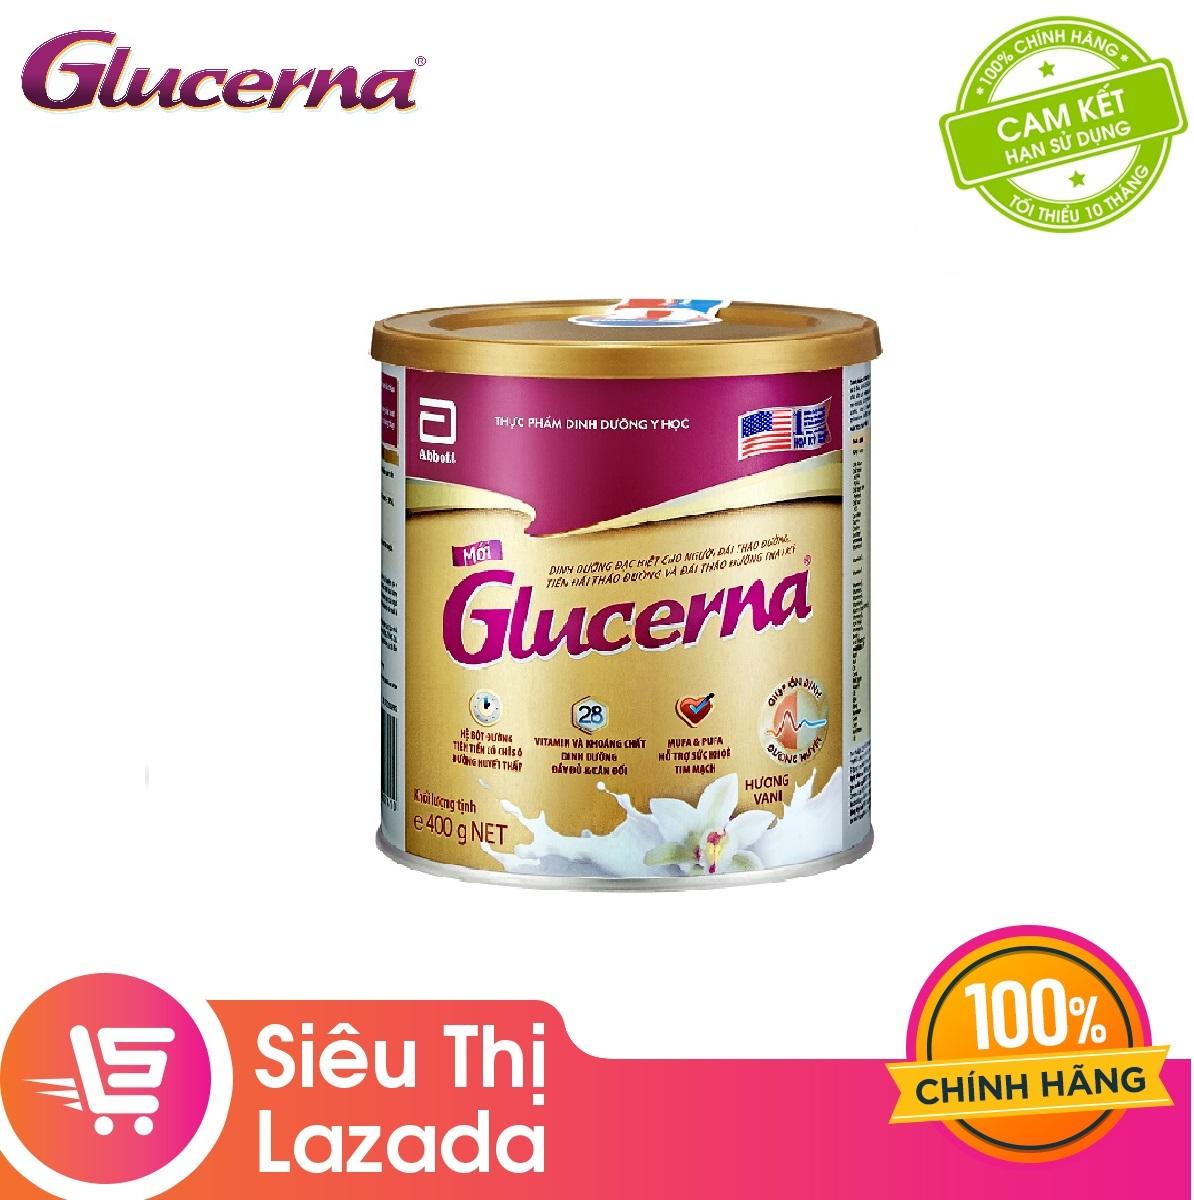 [GIẢM 30K ĐƠN 1TR] Lon sữa bột Glucerna Hương Vani 400g Công thức độc đáo và hệ dưỡng chất đặc chế Triple Care bổ sung dinh dưỡng cho bệnh nhân đái tháo đường giúp bình ổn đường huyết - Giới hạn 5 sản phẩm/khách hàng